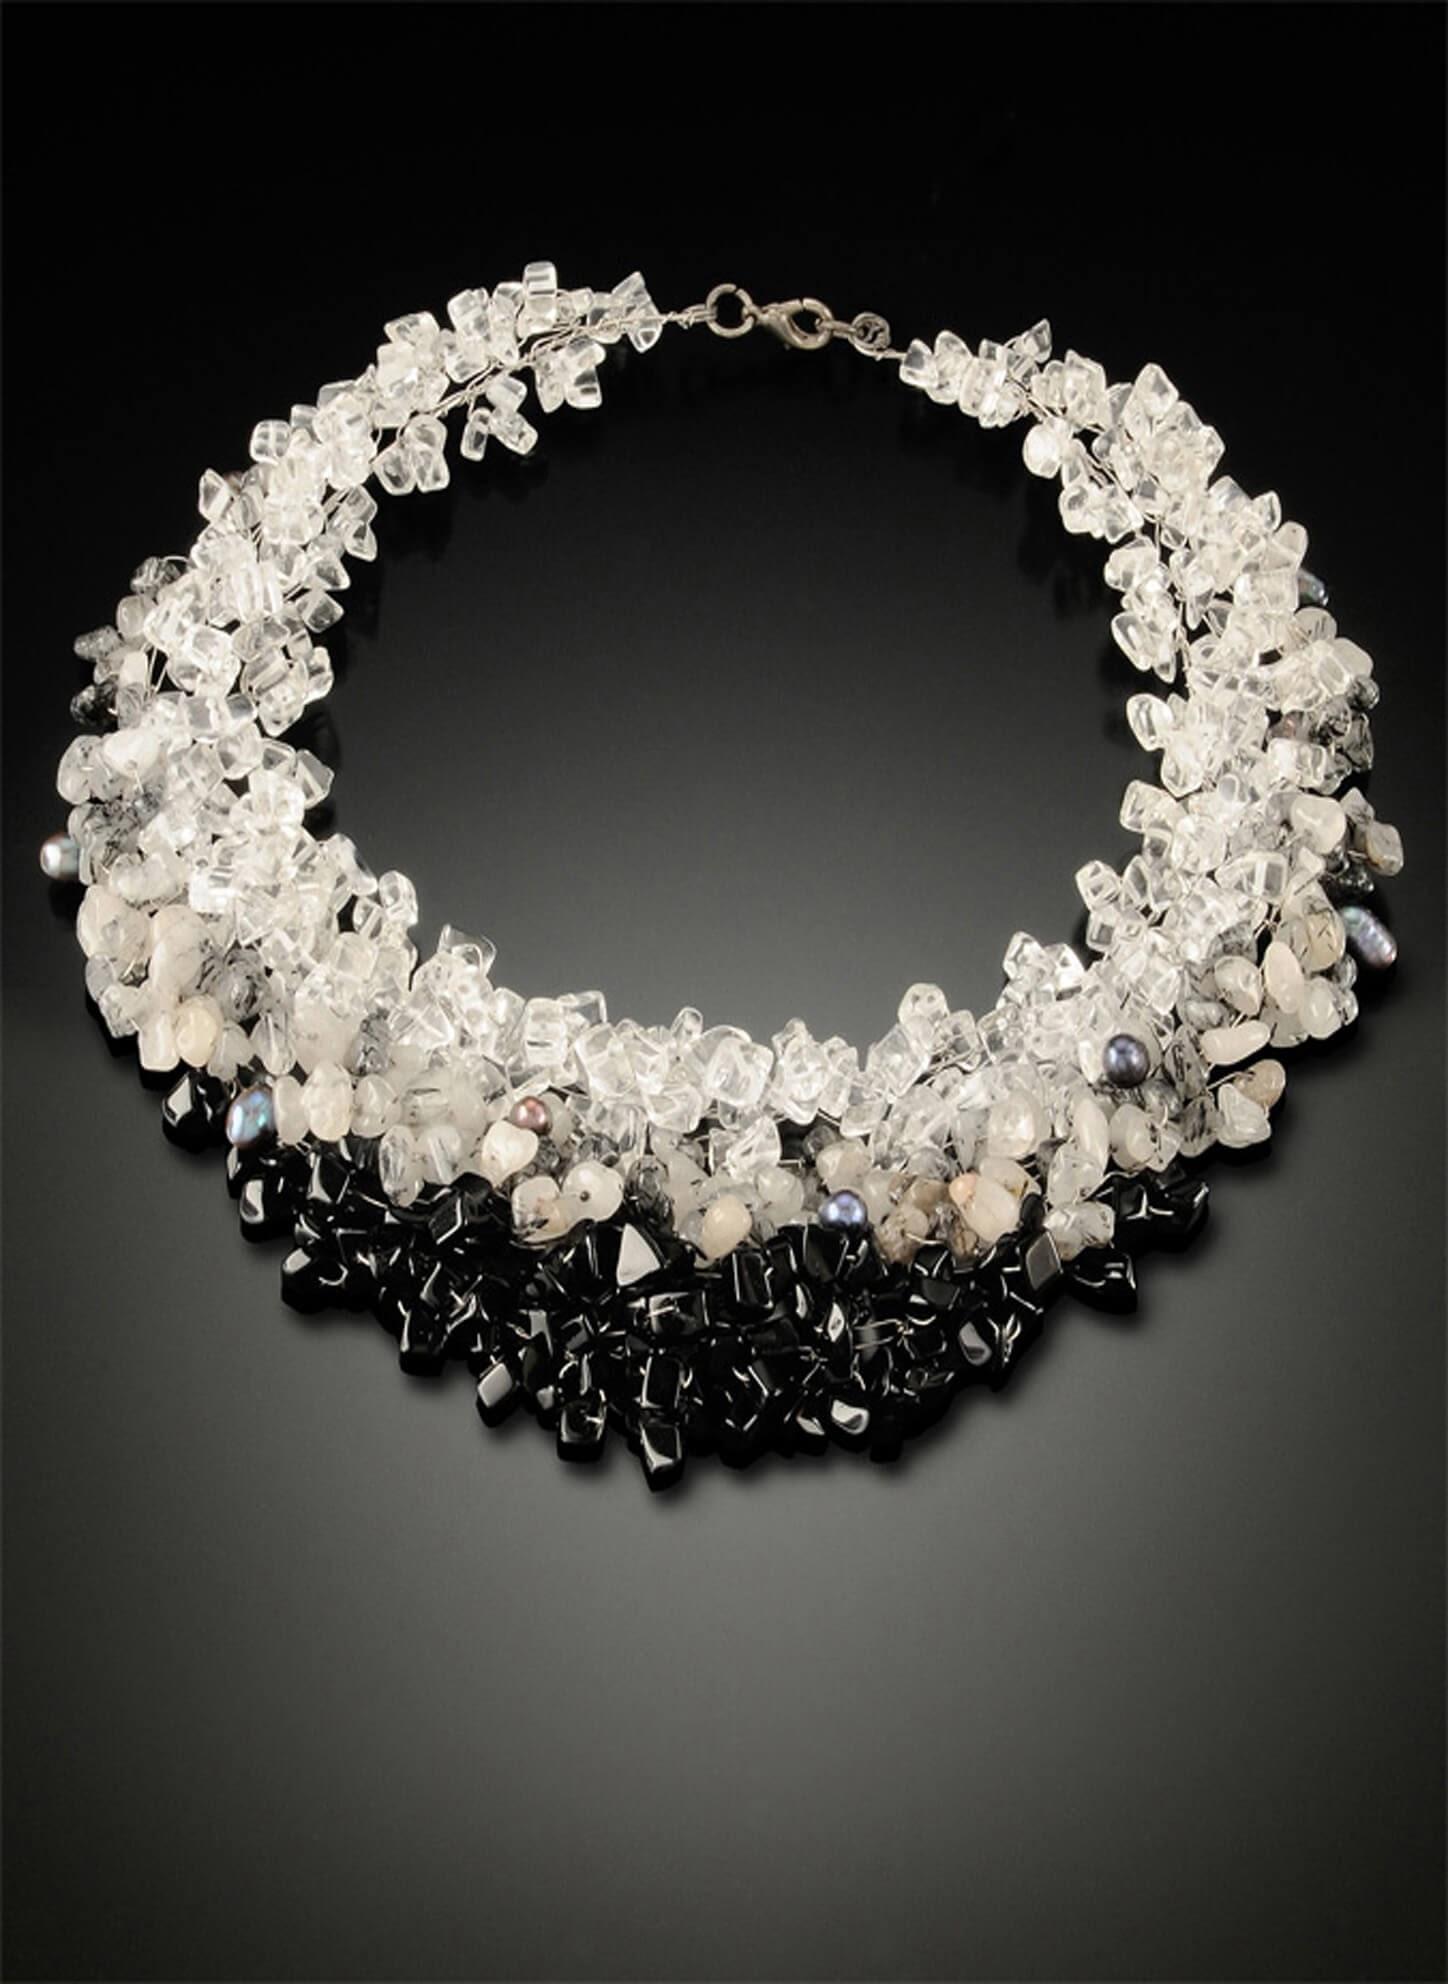 Lakkana Conti, Sarapaan, Jewelry 2